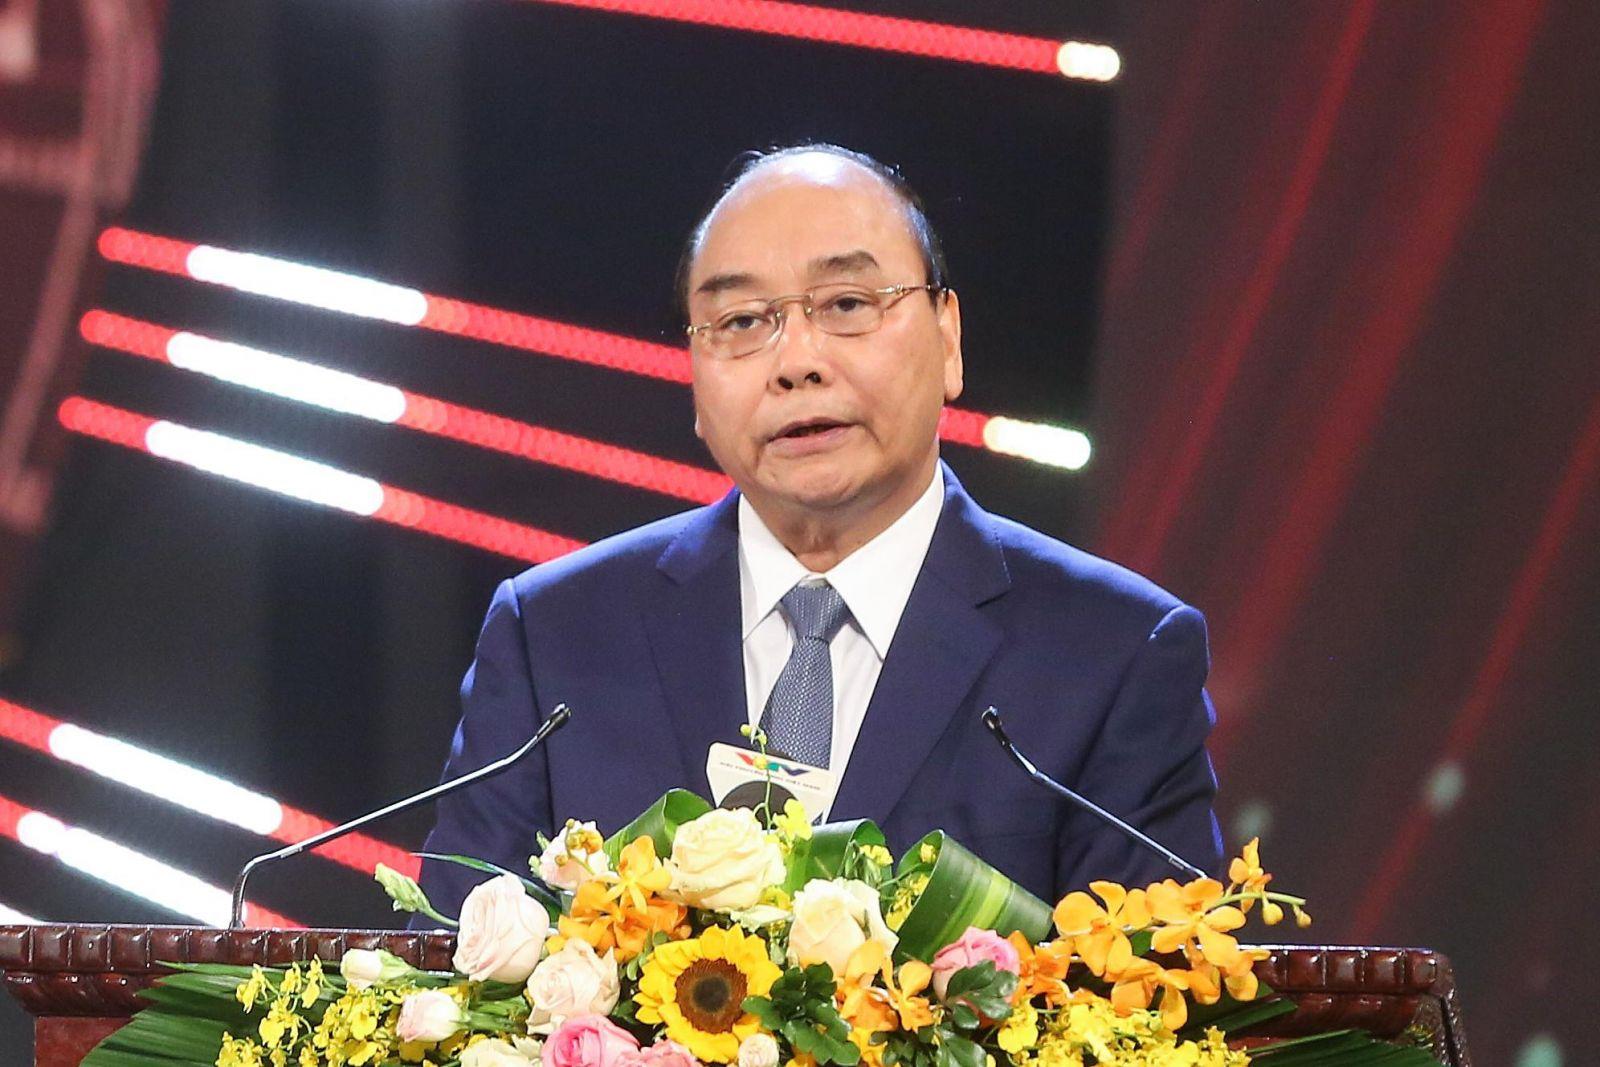 Thủ tướng Nguyễn Xuân Phúc phát biểu tại lễ trao giải. Ảnh: VGP